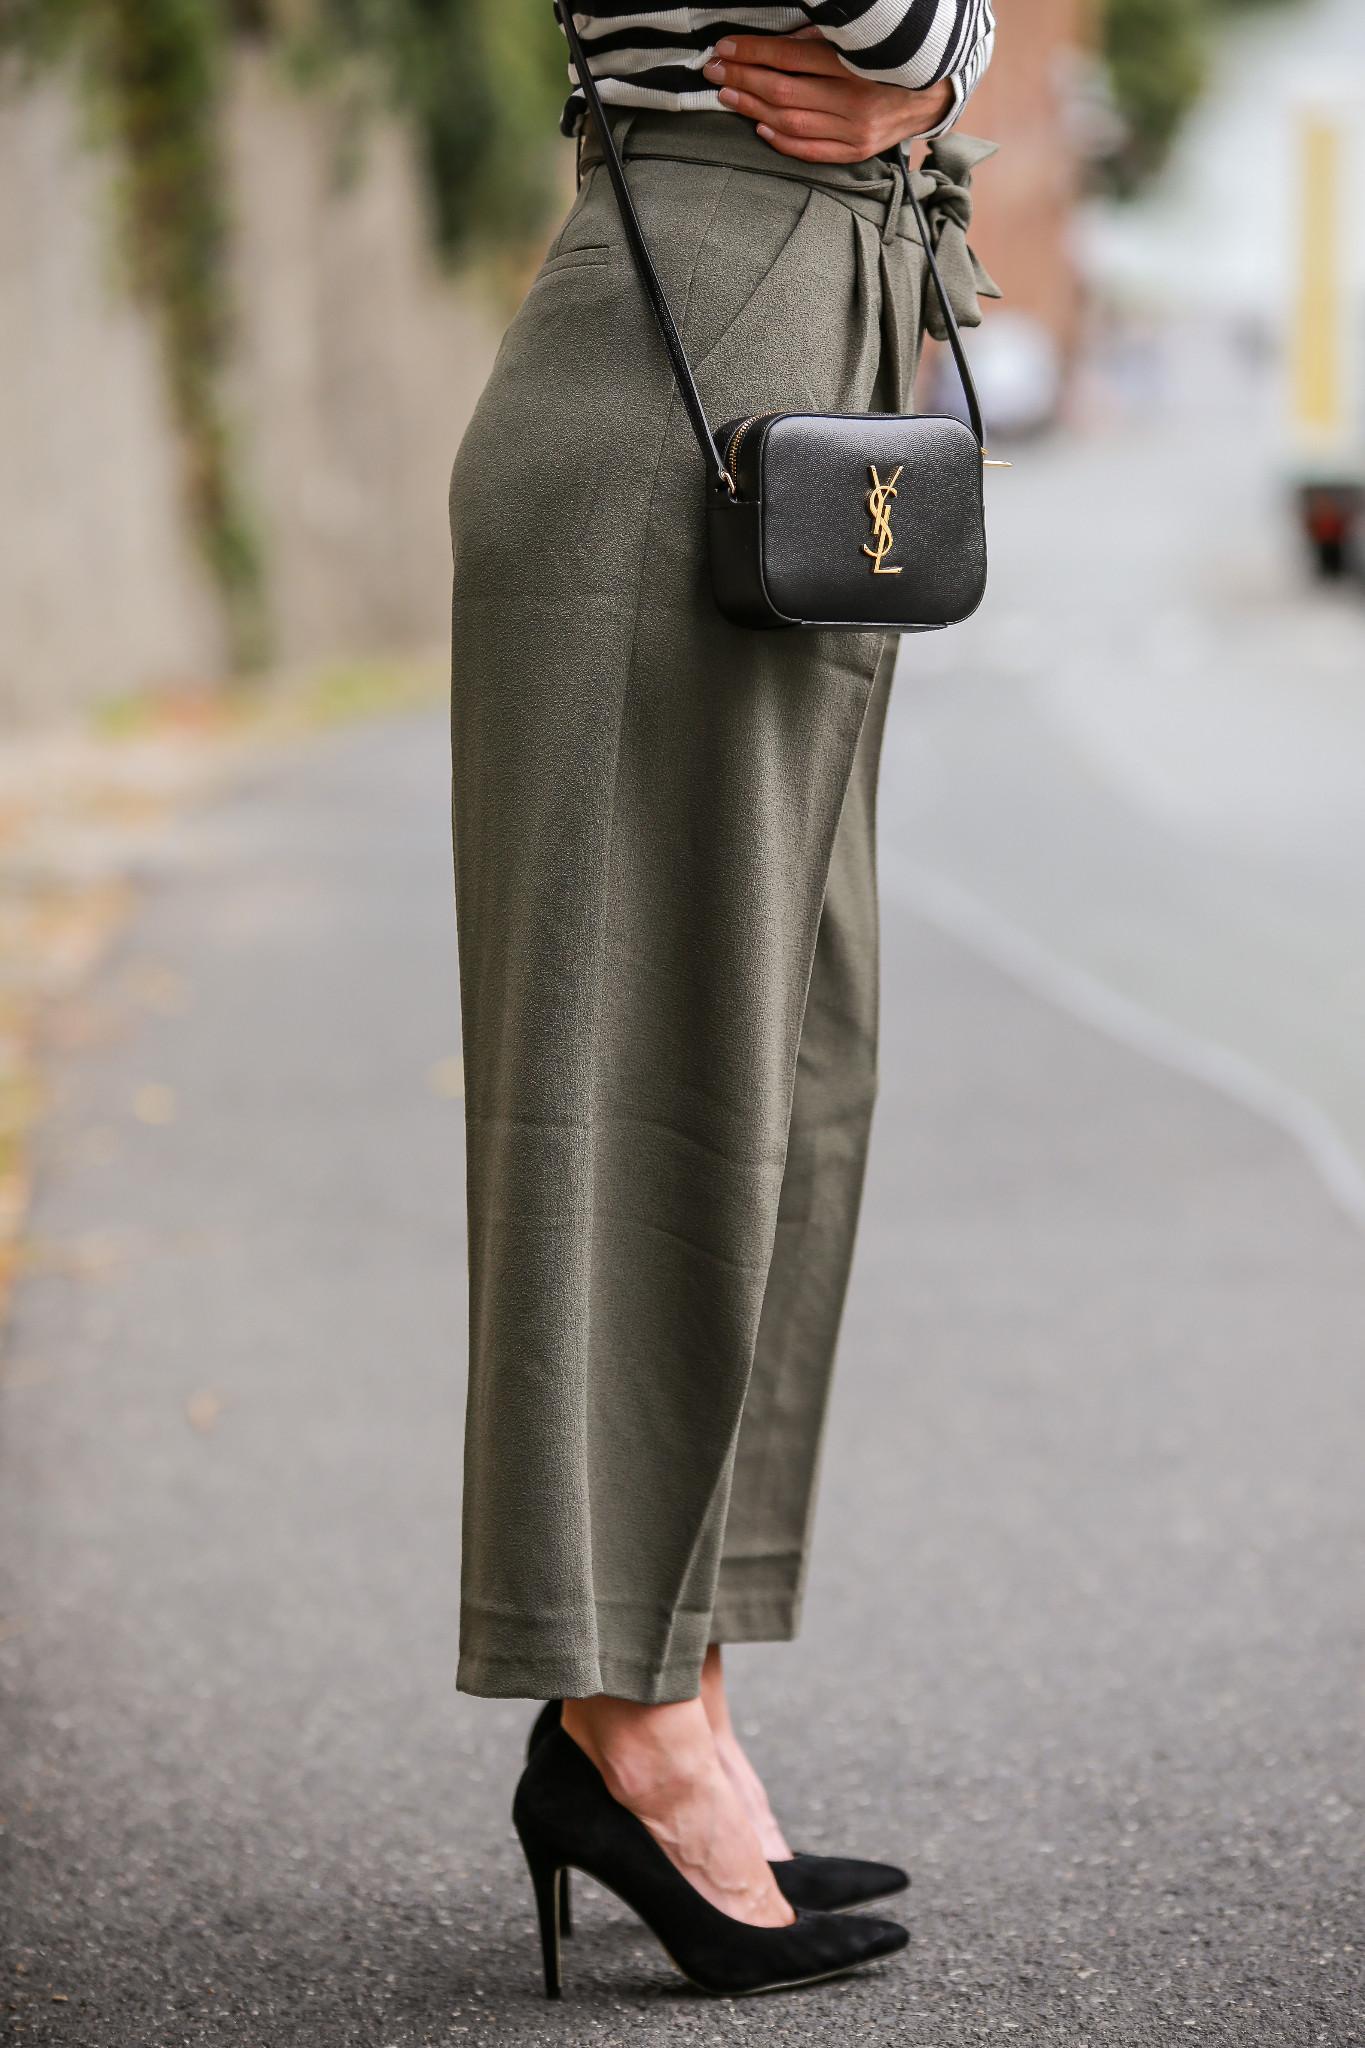 Fashion_Outfit_Très_parisienne-11